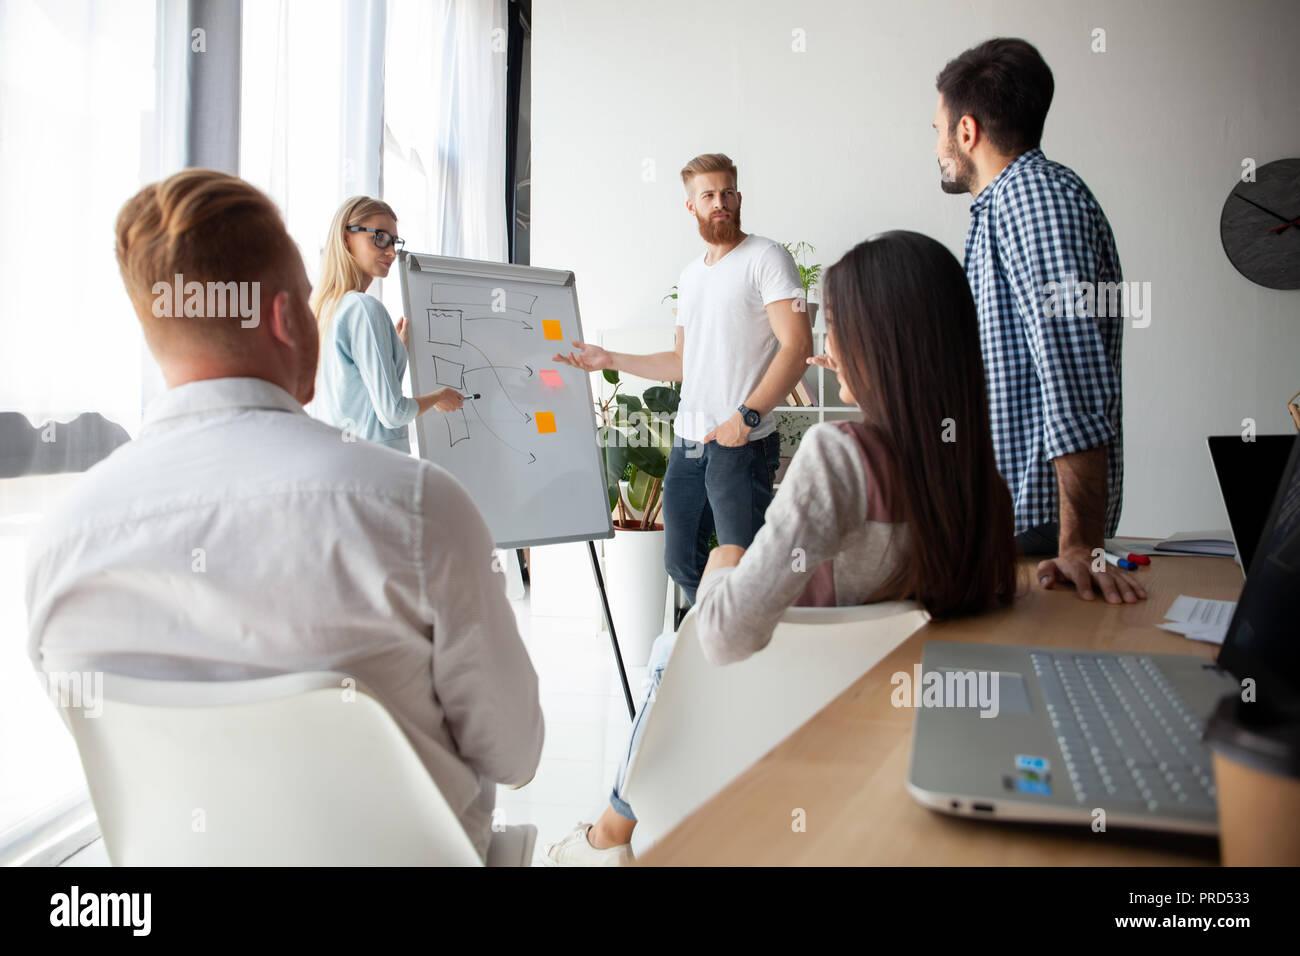 Lo sviluppo di nuove strategie. Due giovani colleghi condurre la presentazione mentre si lavora con i team aziendali in ufficio. Immagini Stock